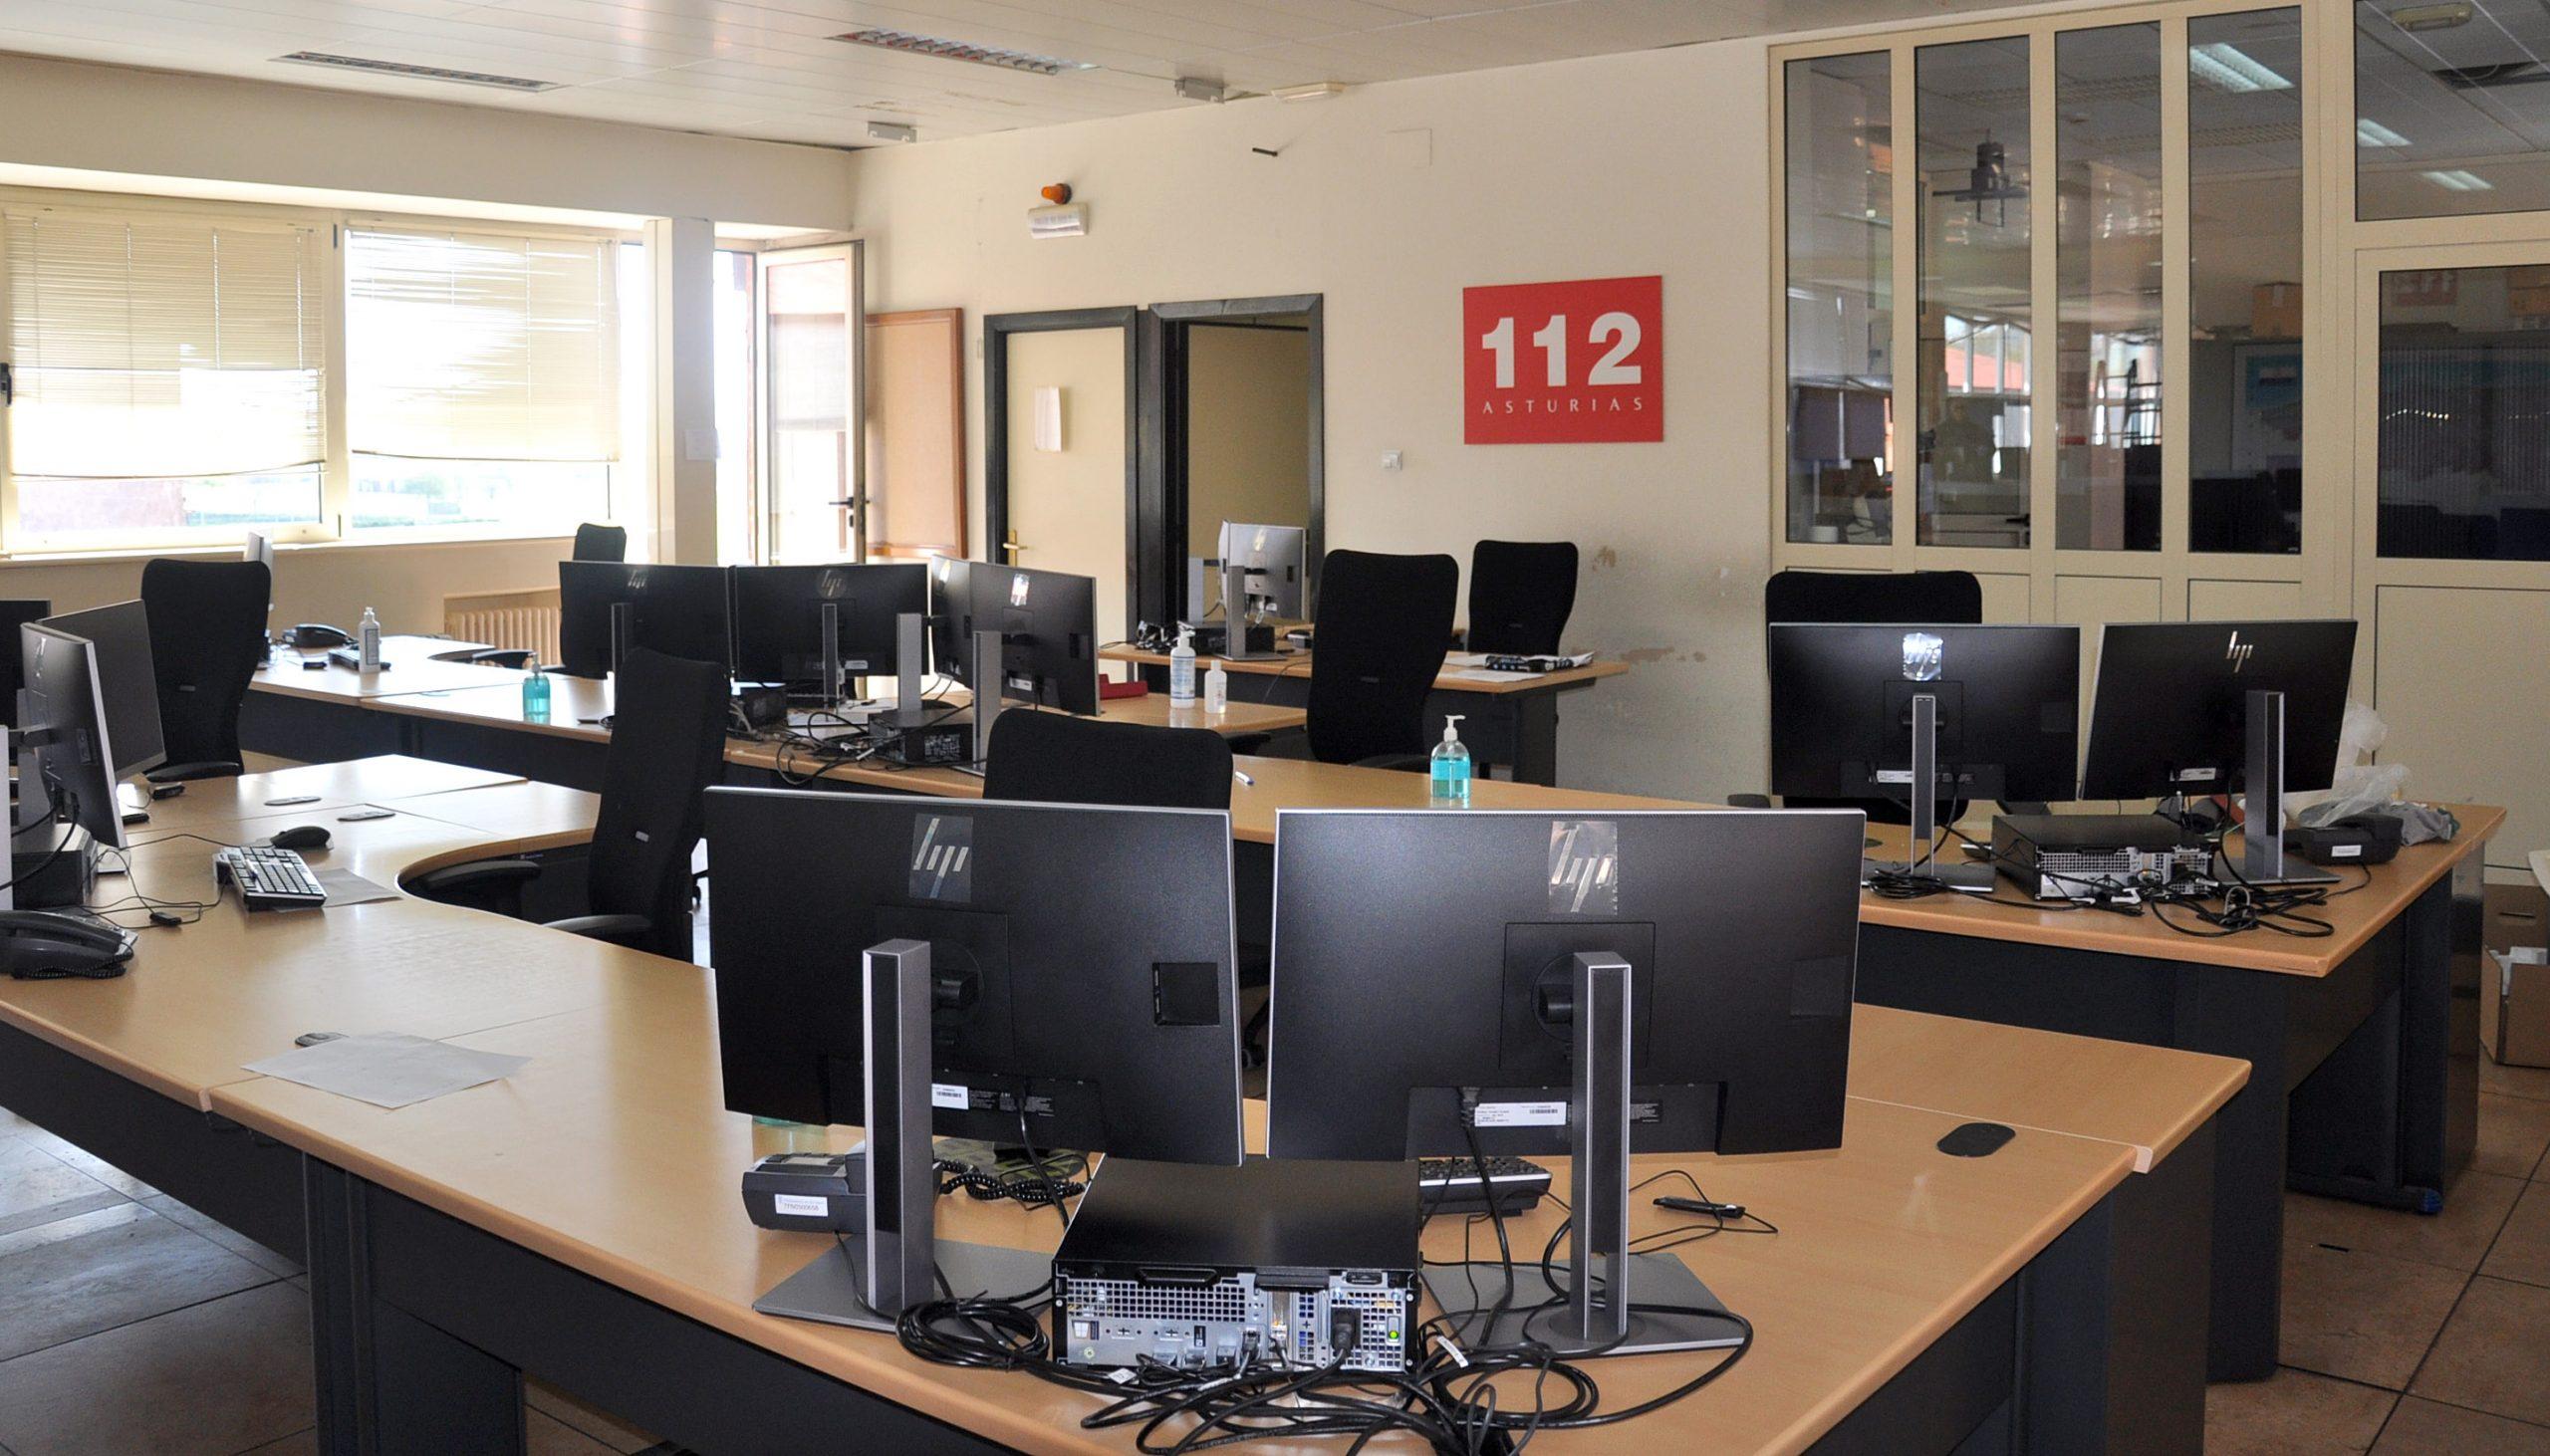 El Servicio de Emergencias del Principado refuerza las medidas de Seguridad para Garantizar su Funcionamiento durante la Crisis Sanitaria